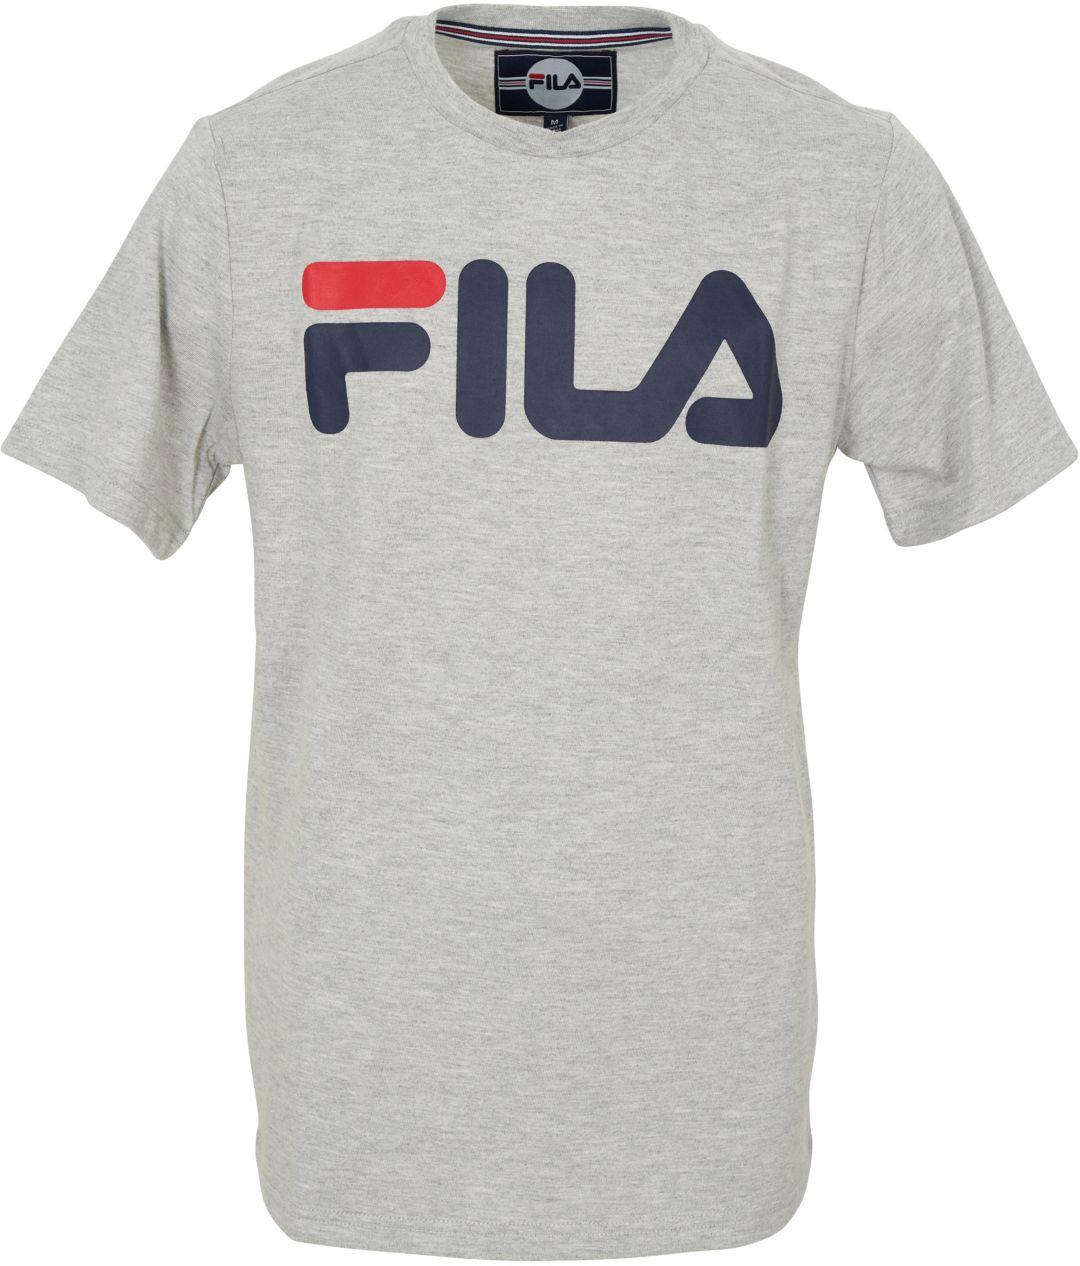 grandes variétés New York meilleure qualité FILA Boy's Classic Logo T-Shirt